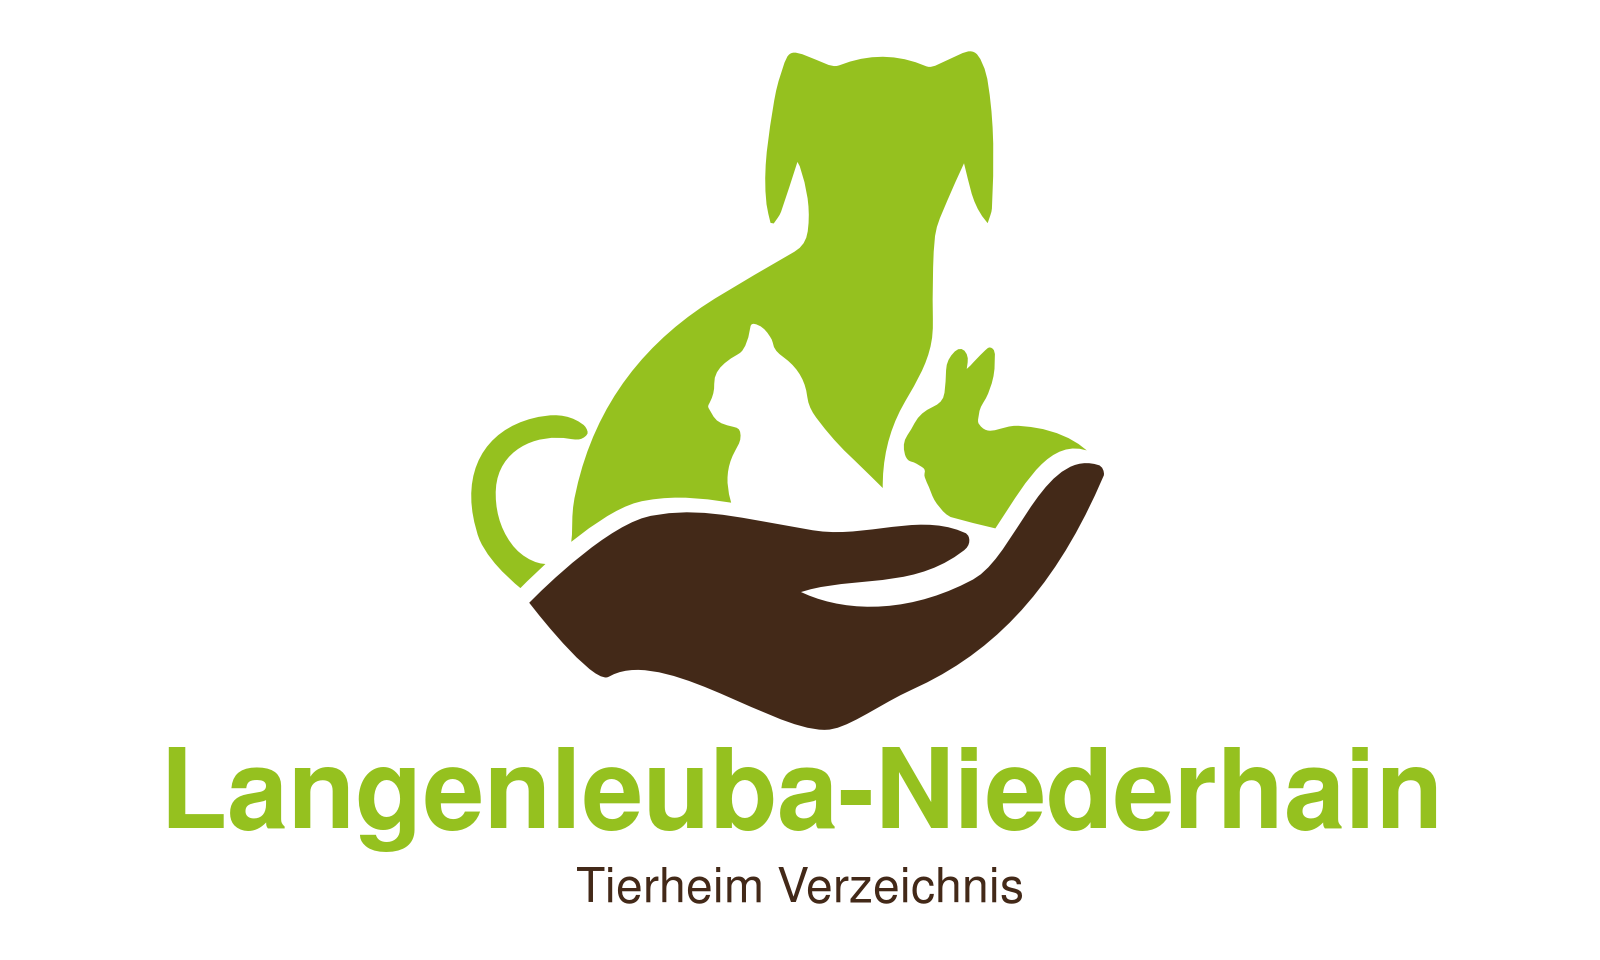 Tierheim Langenleuba-Niederhain